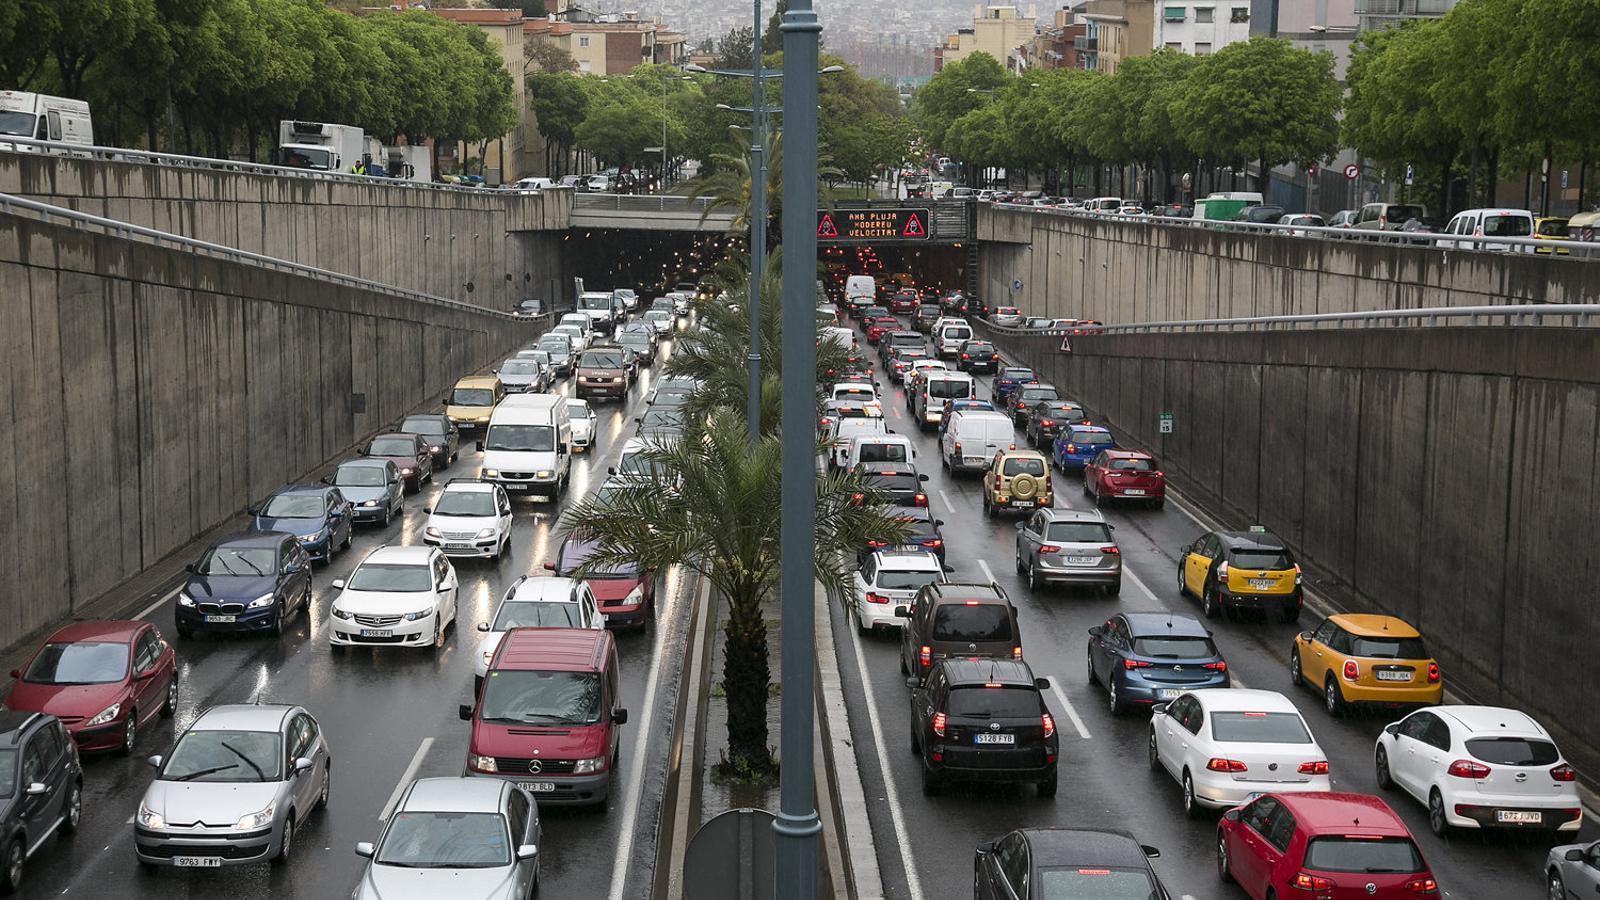 L'impost català a les emissions de CO2 ja està a punt i afectarà 3,6 milions de vehicles